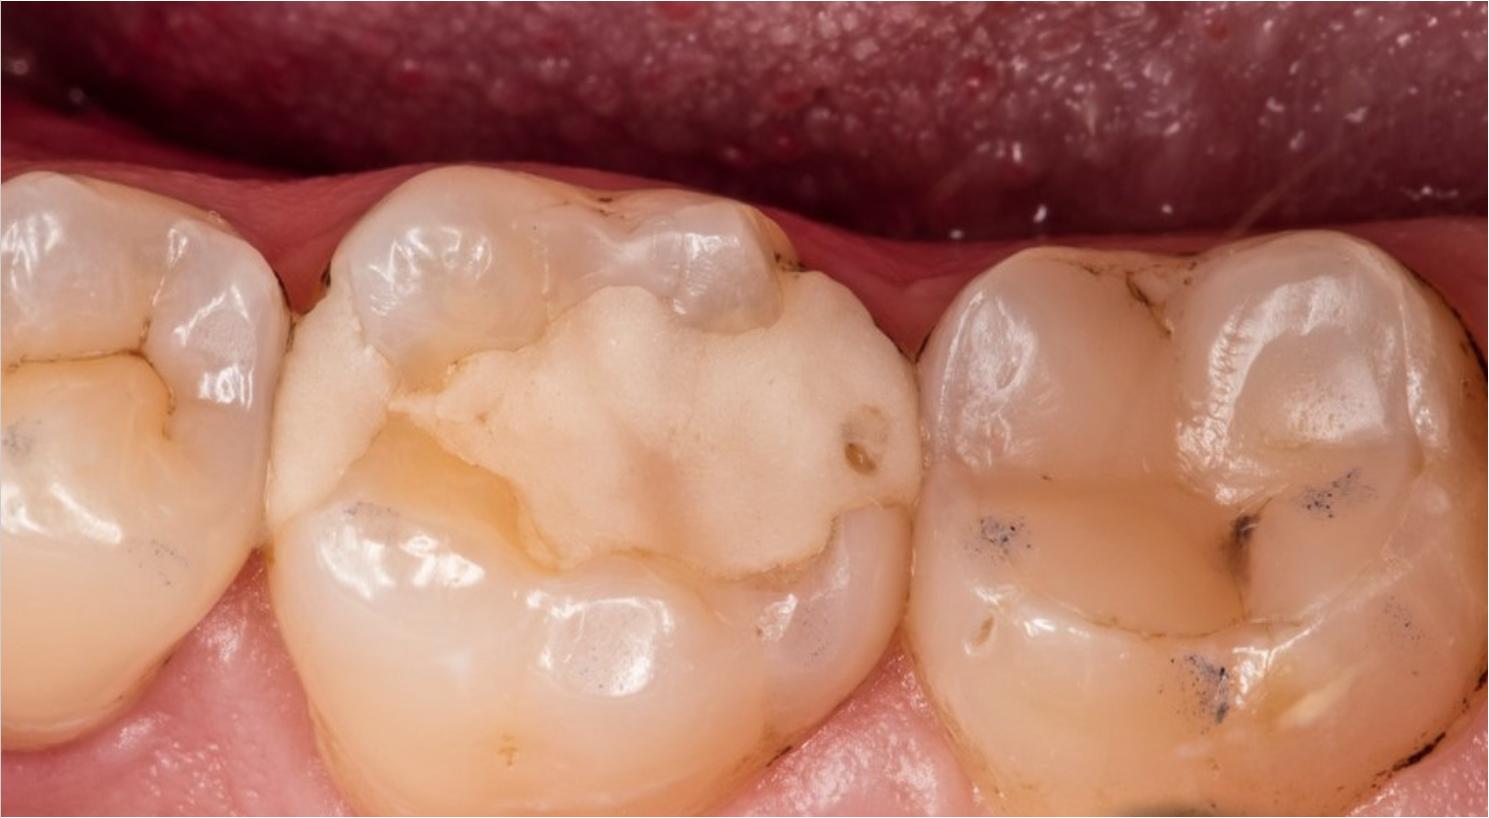 Световая пломба: цена, преимущества и недостатки для зубов, срок службы и отзывы - чем отличается от химической и через сколько можно есть